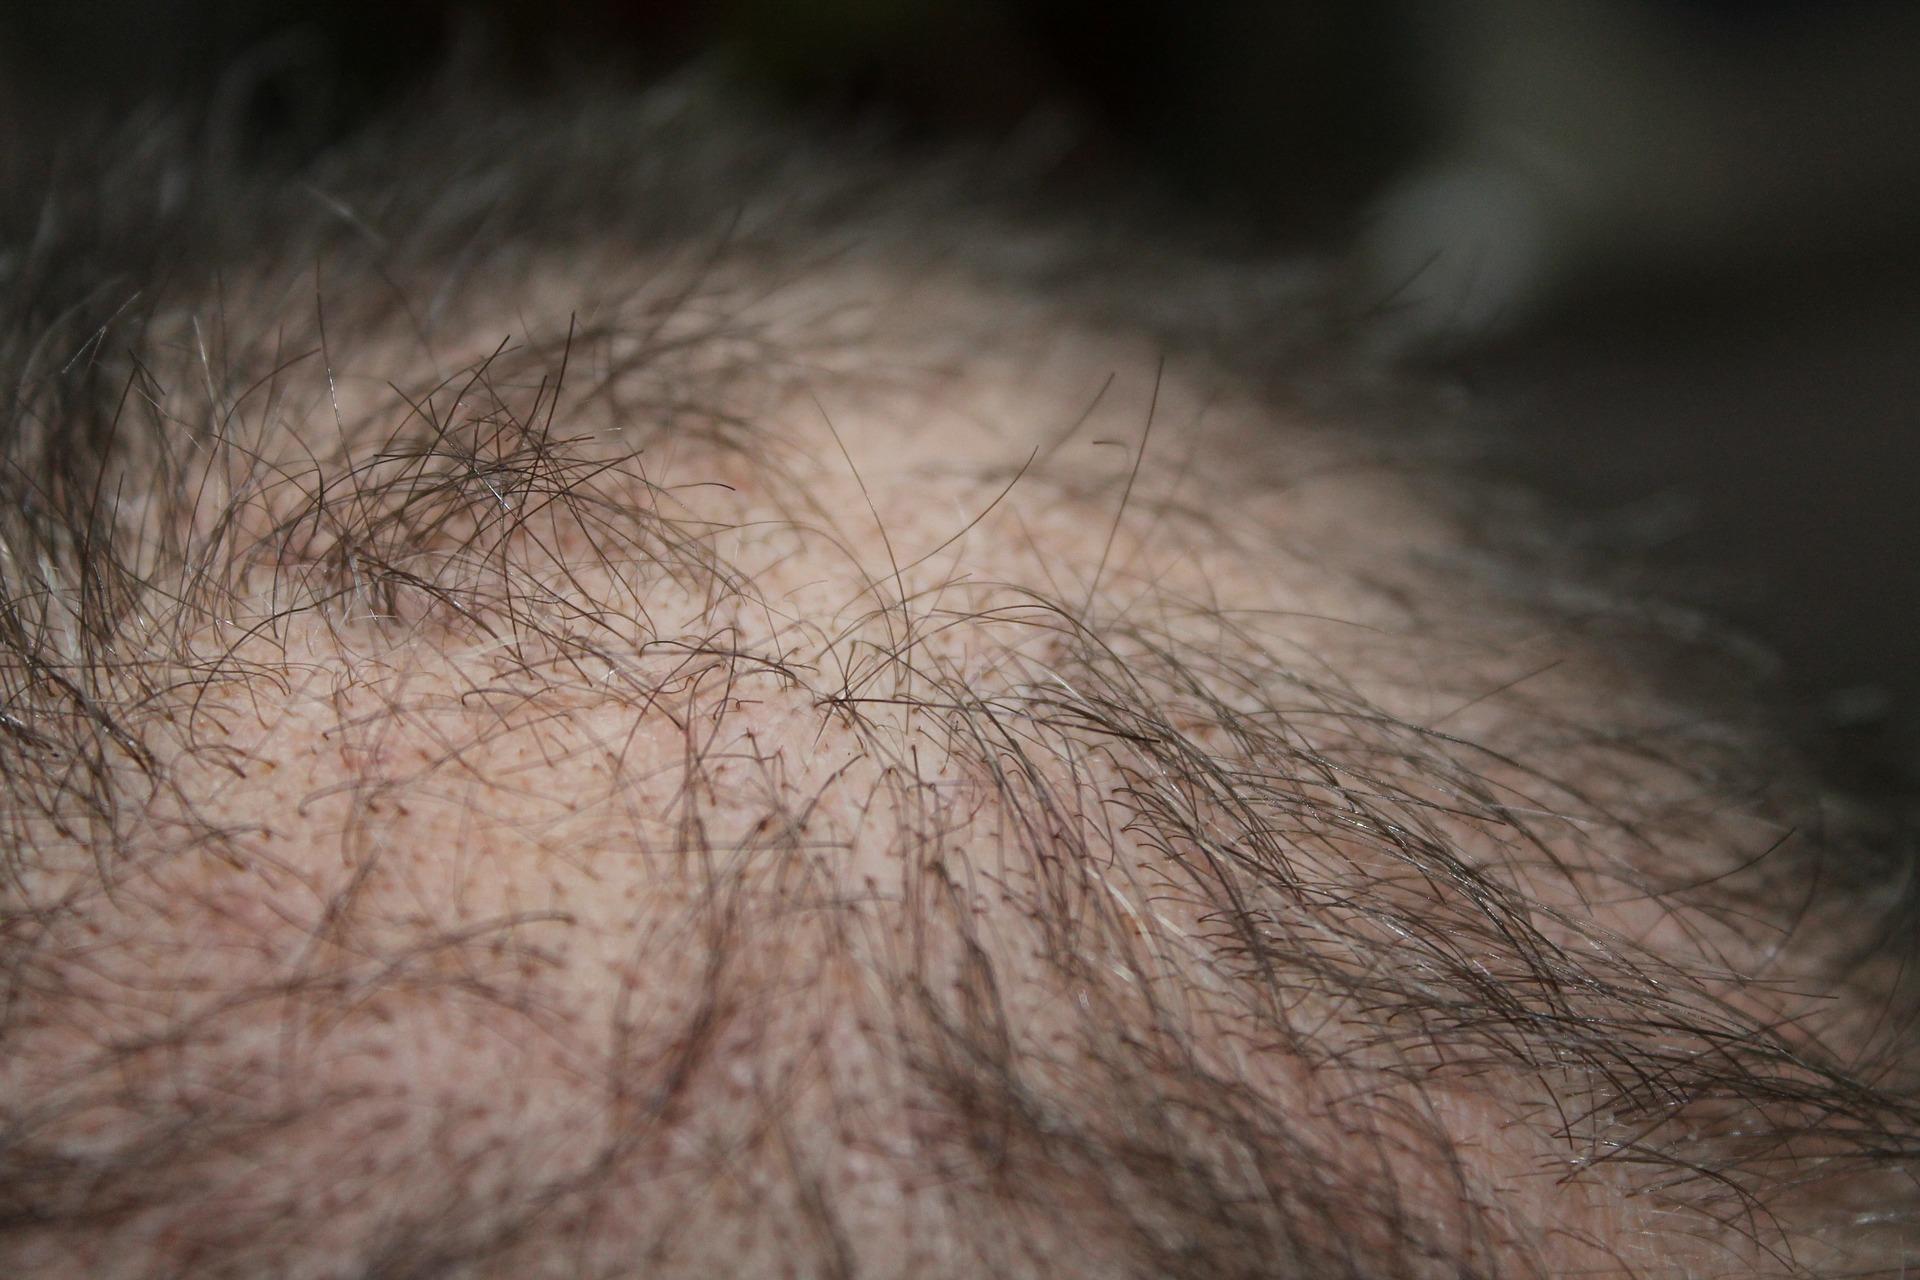 פטנטים טכנולוגיים להתמודדות עם נשירת שיער